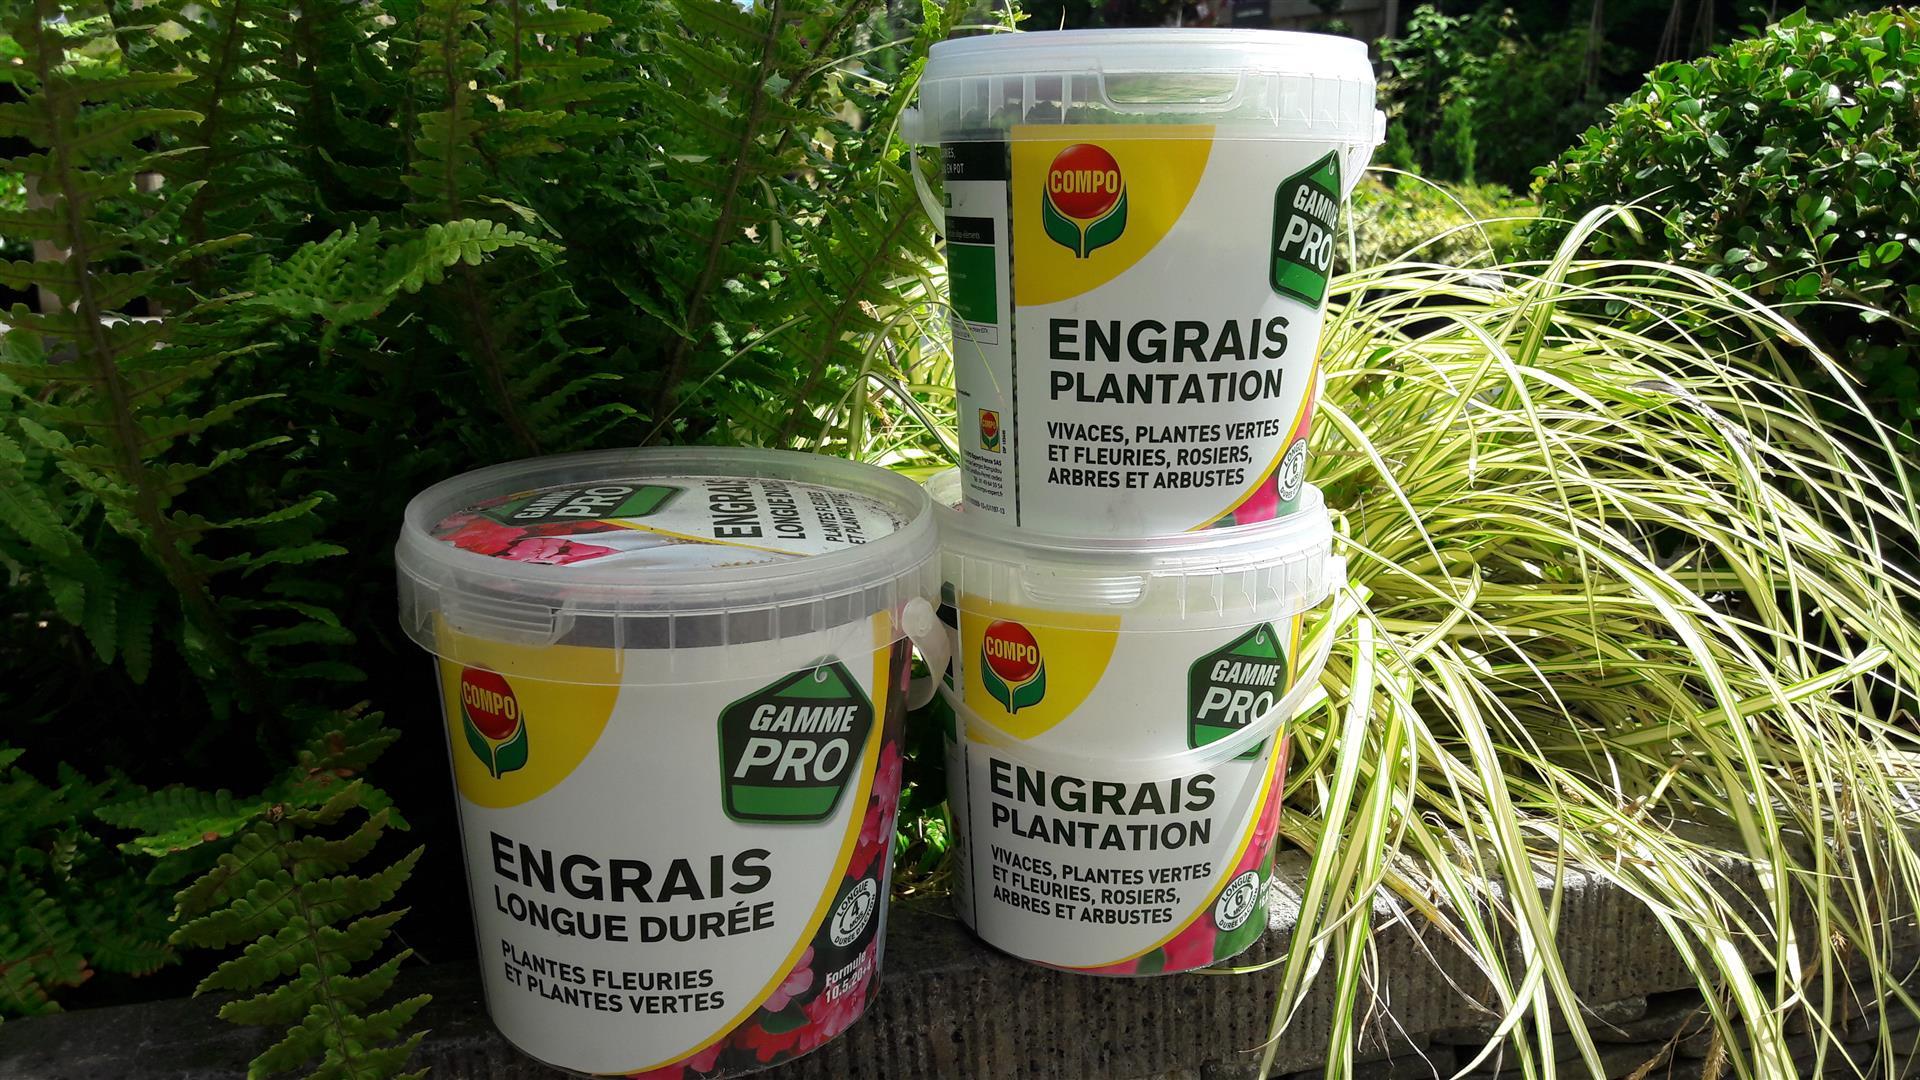 Engrais longue dur e - Produit anti araignee longue duree ...